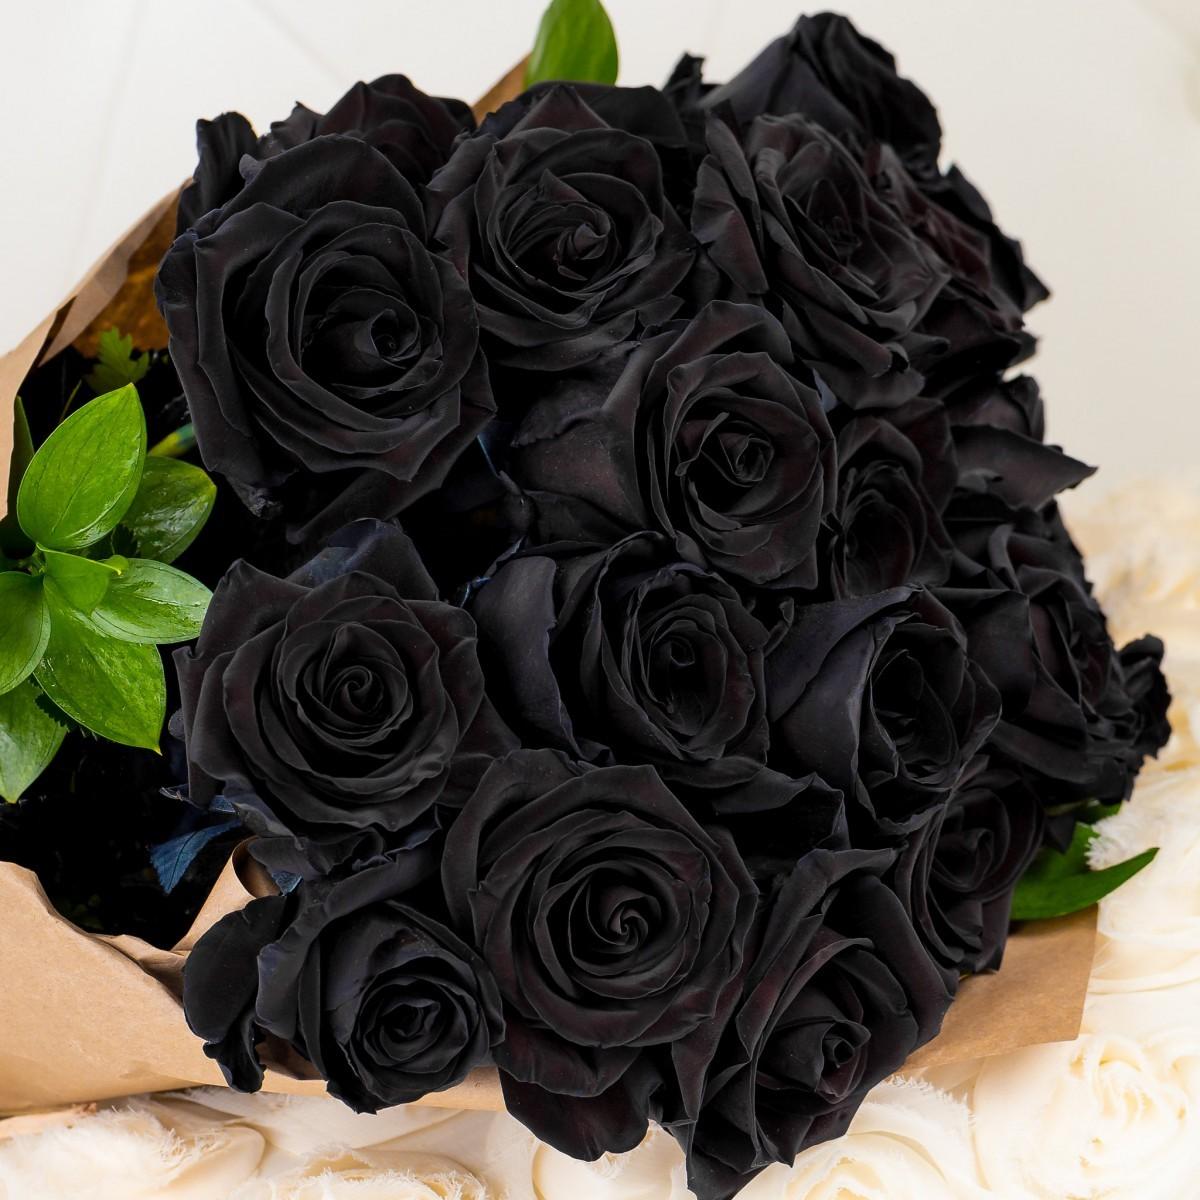 الورد الاسود